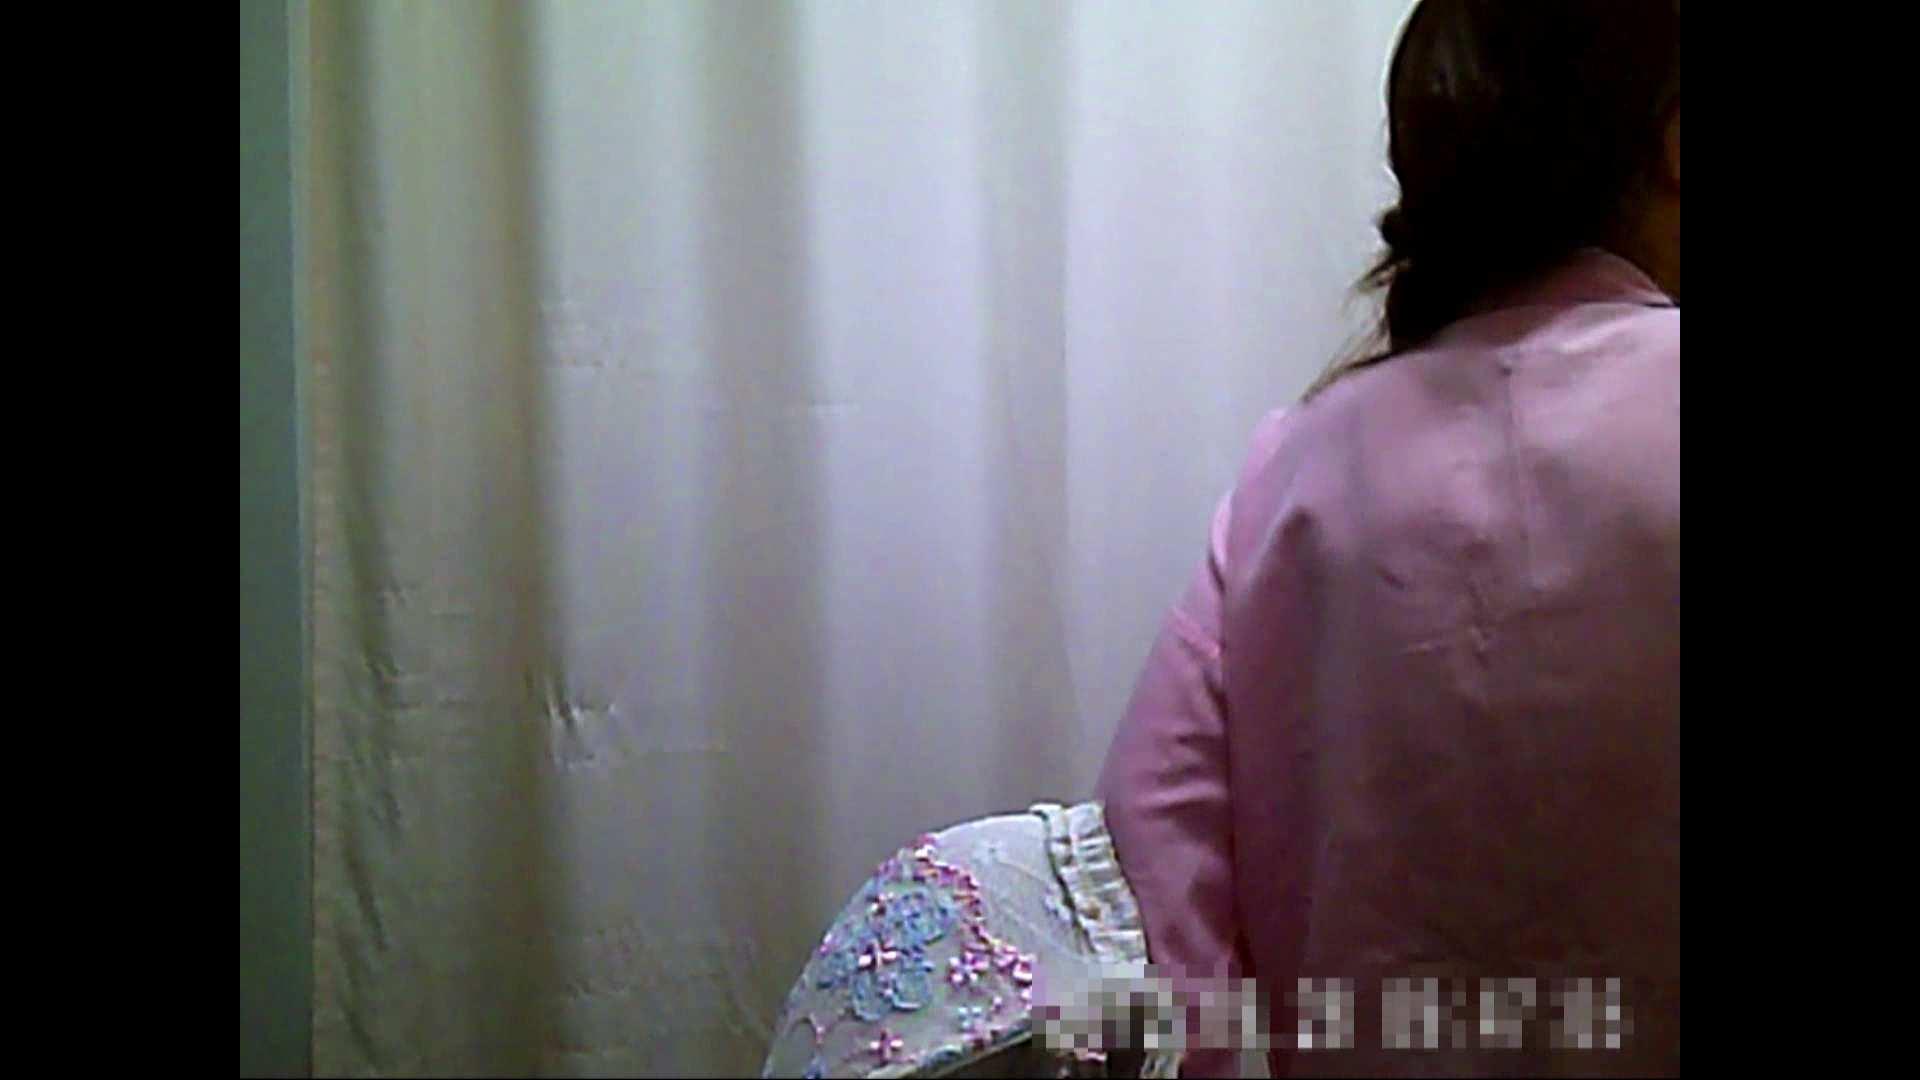 元医者による反抗 更衣室地獄絵巻 vol.075 OL | 0  81連発 56